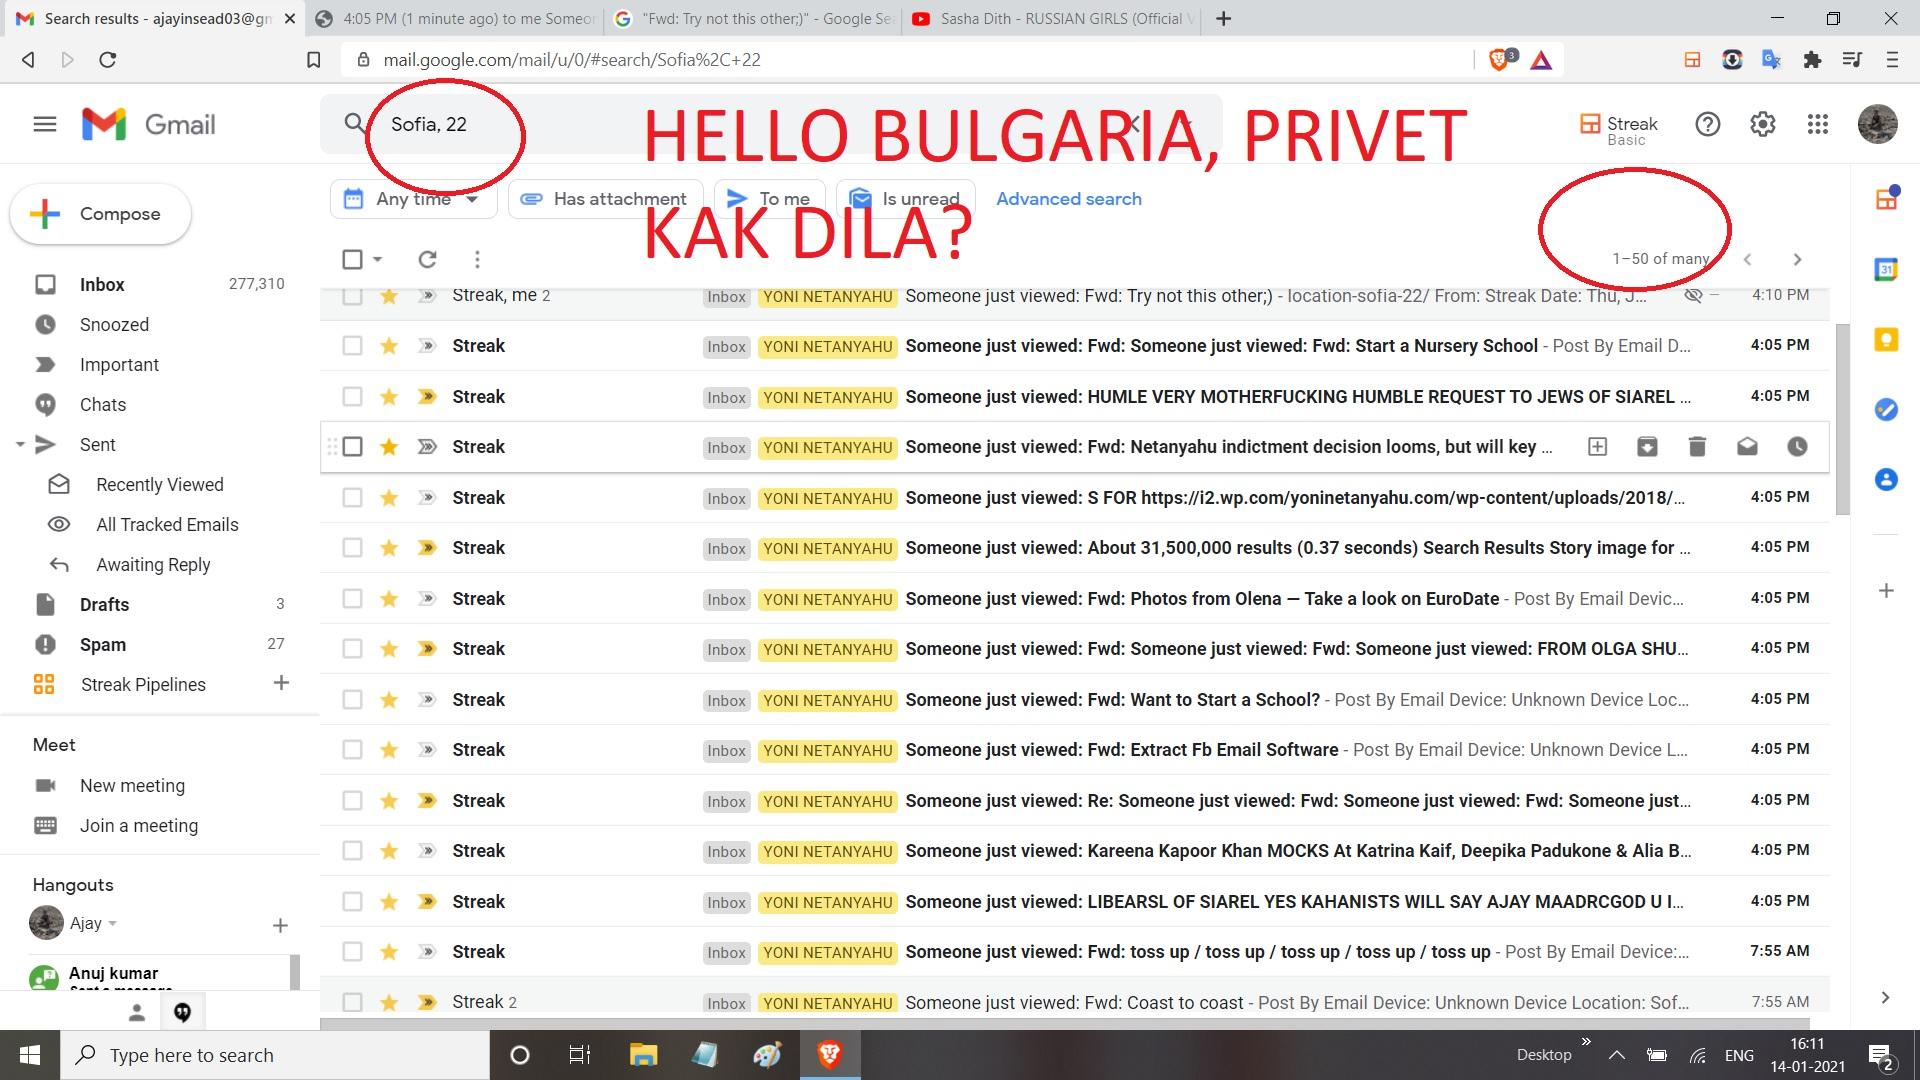 BULGARIAIA CLICKS AT 4 05 PM